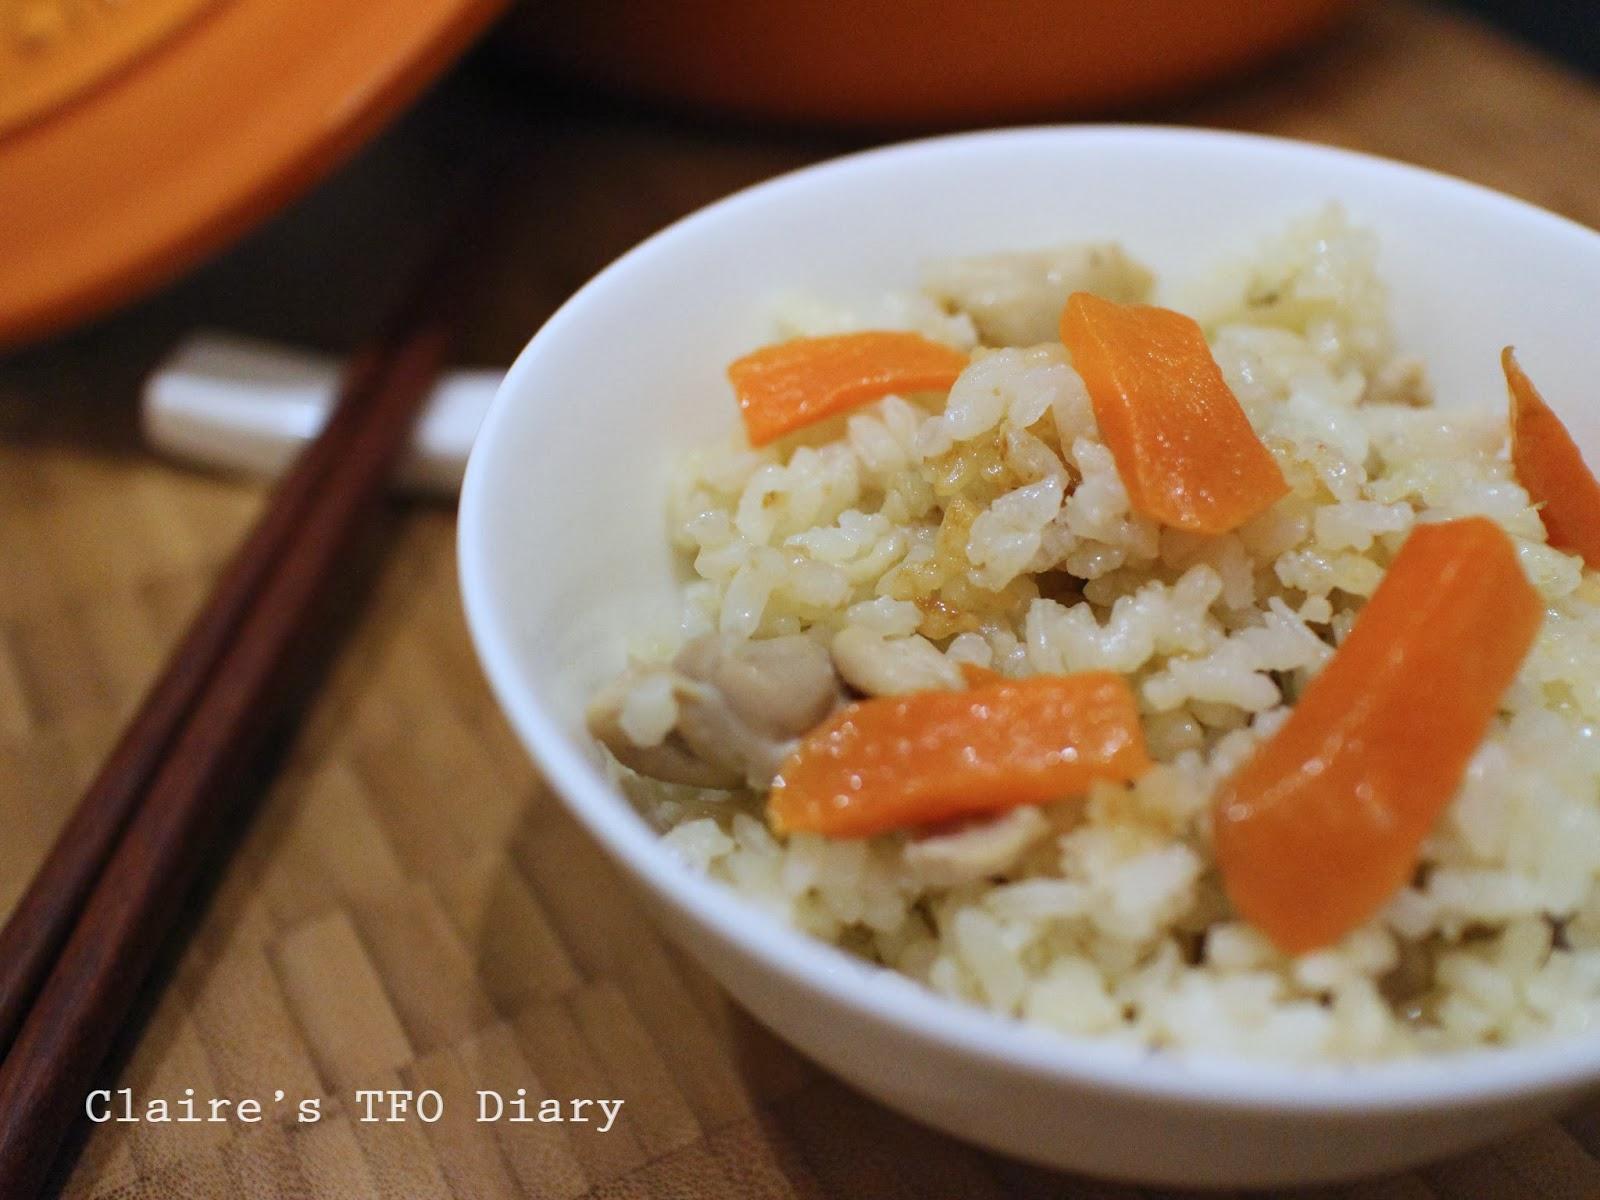 清冰箱料理之LC鍋煮高麗菜雞肉炊飯